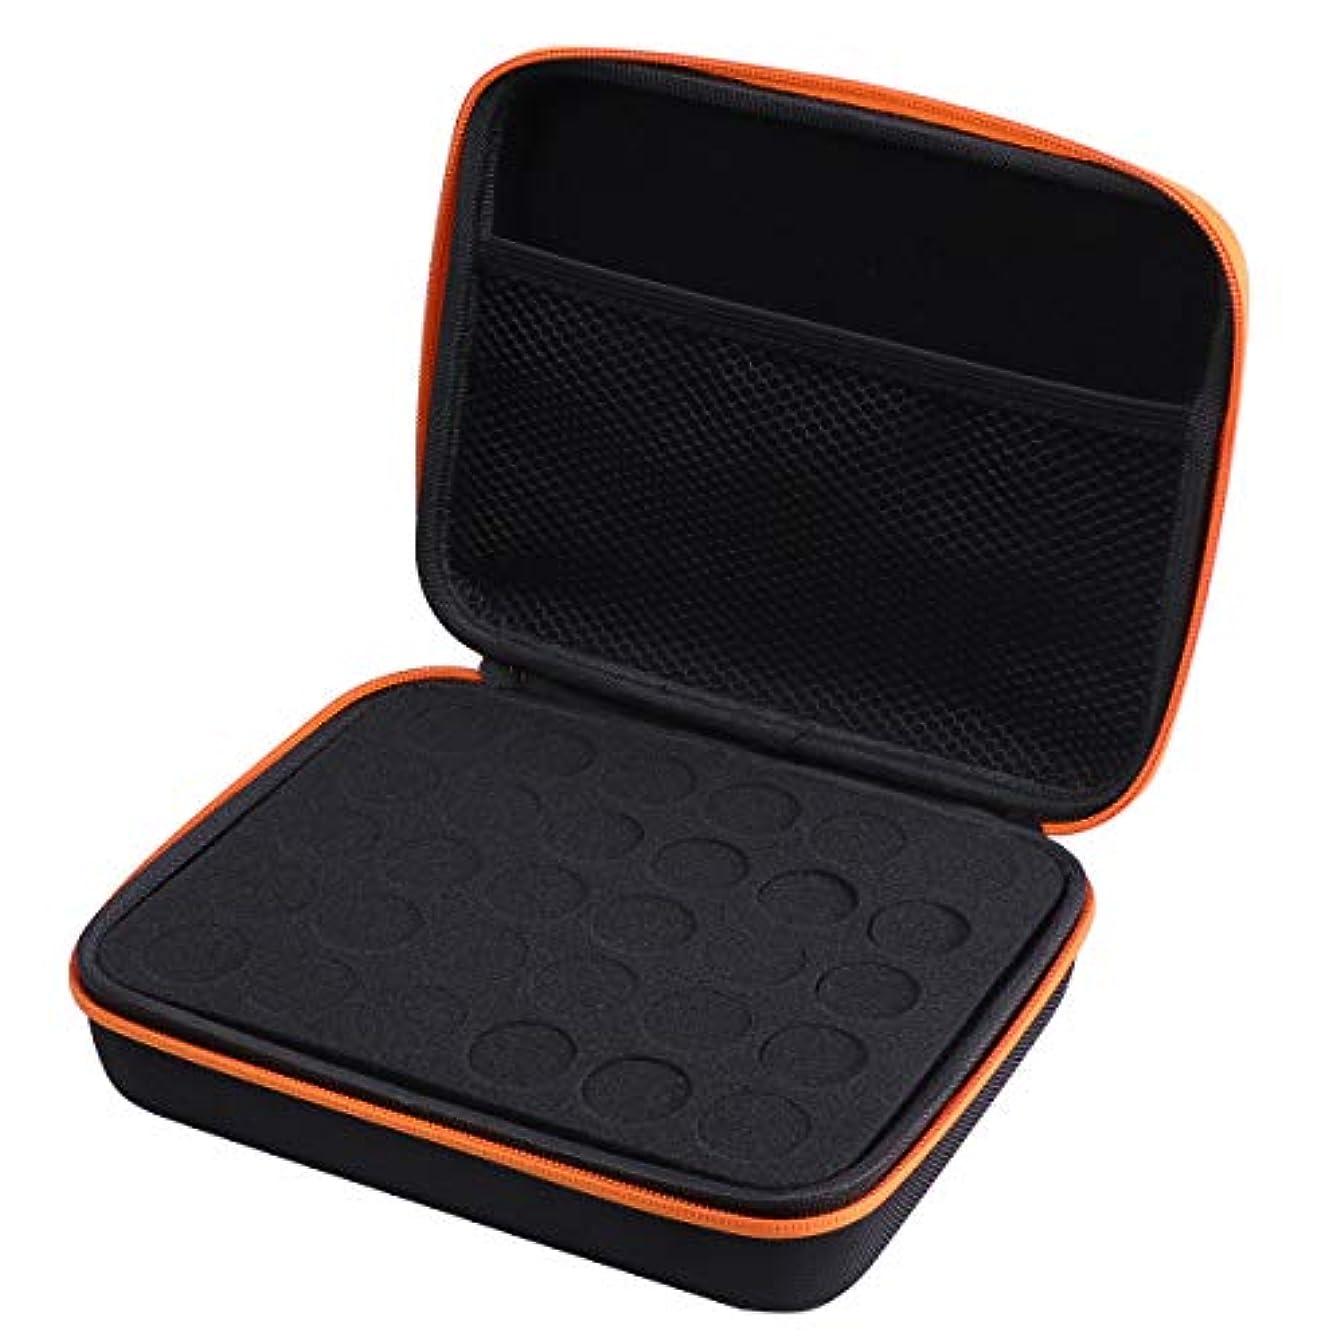 壁紙人差し指損傷Frcolor エッセンシャルオイル ケース 携帯用 アロマポーチ アロマケース メイクポーチ 精油ケース 30本用(オレンジ)